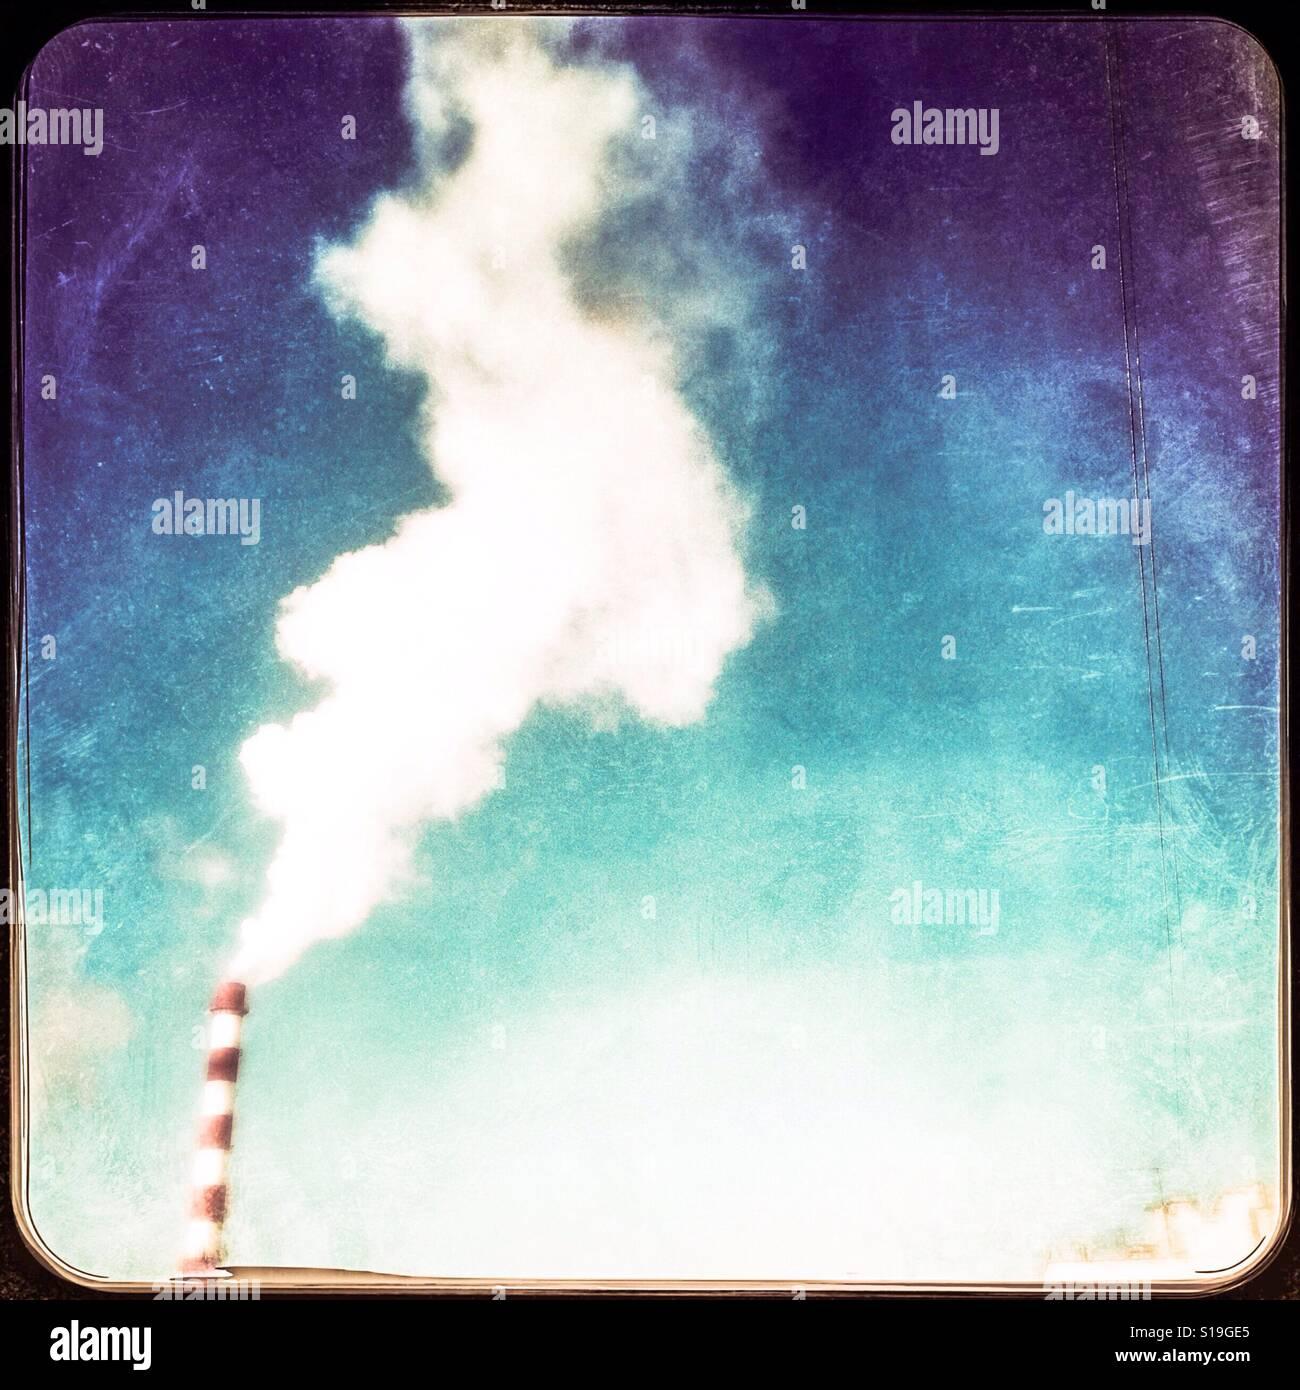 Rauch aus einem Schornstein, Kontrast bei blauem Himmel Stockbild